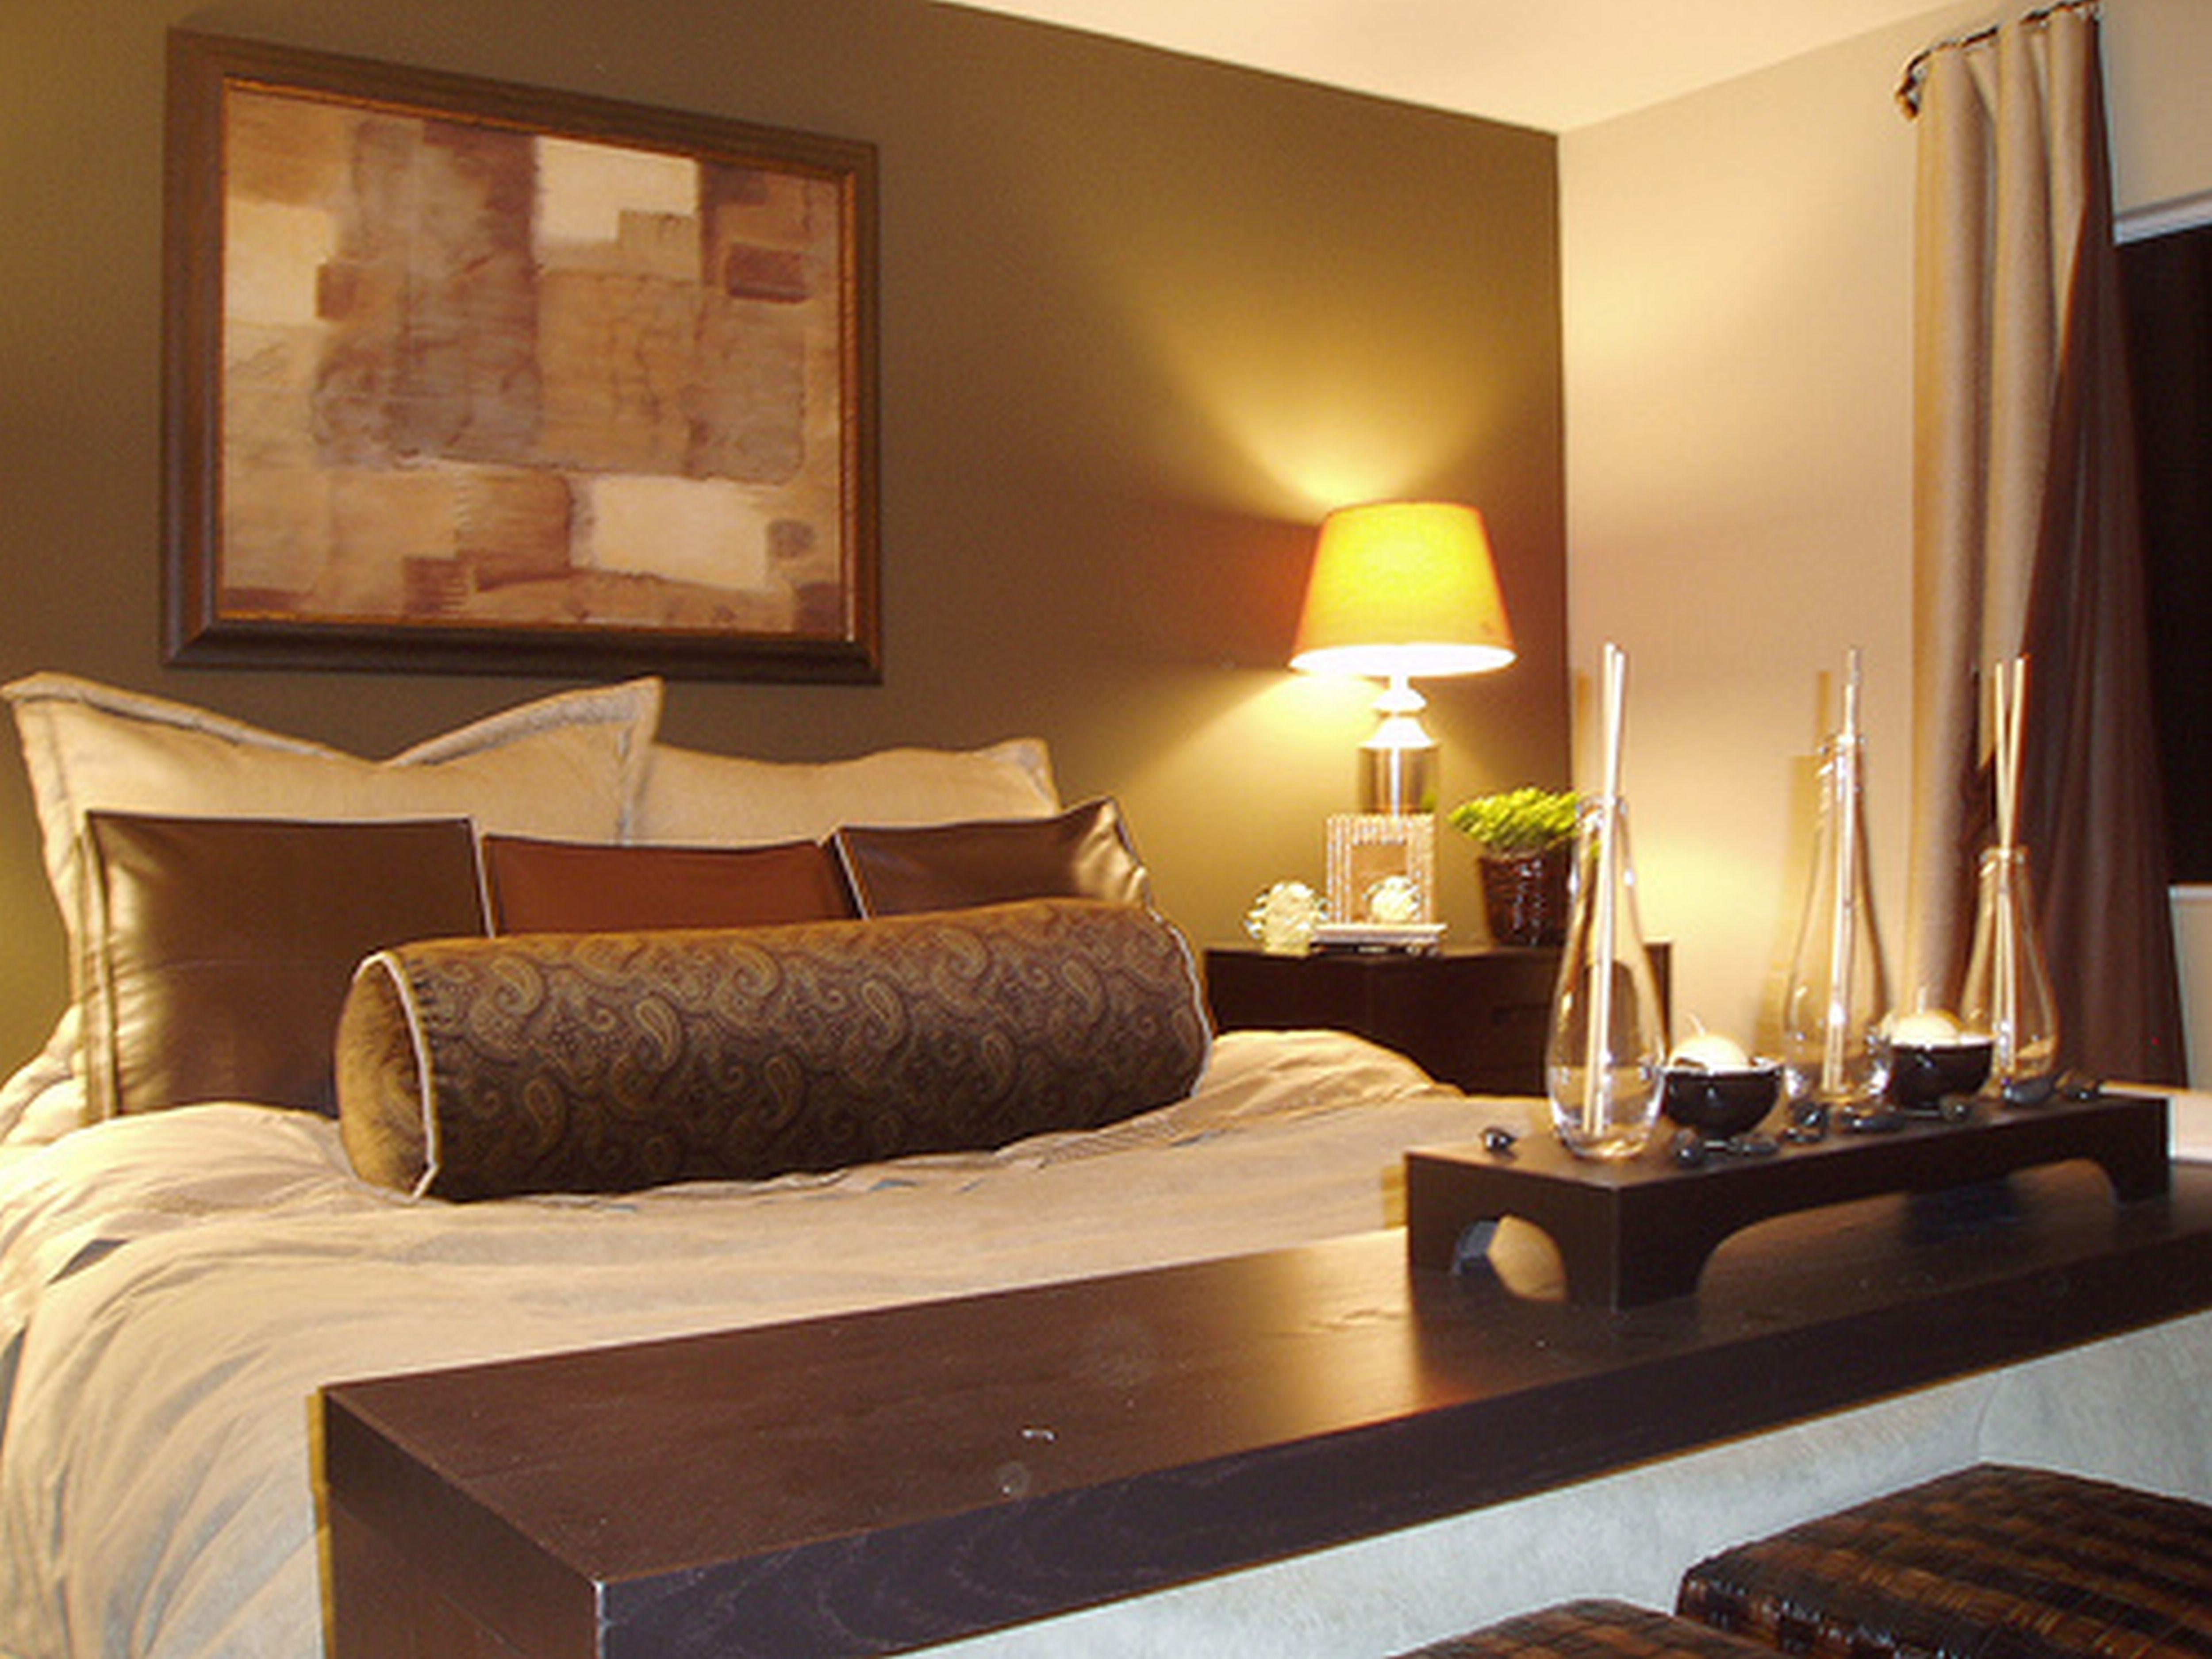 10 Unique Master Bedroom Wall Color Ideas bedroom wall colors ideas 20 best color ideas for bedrooms